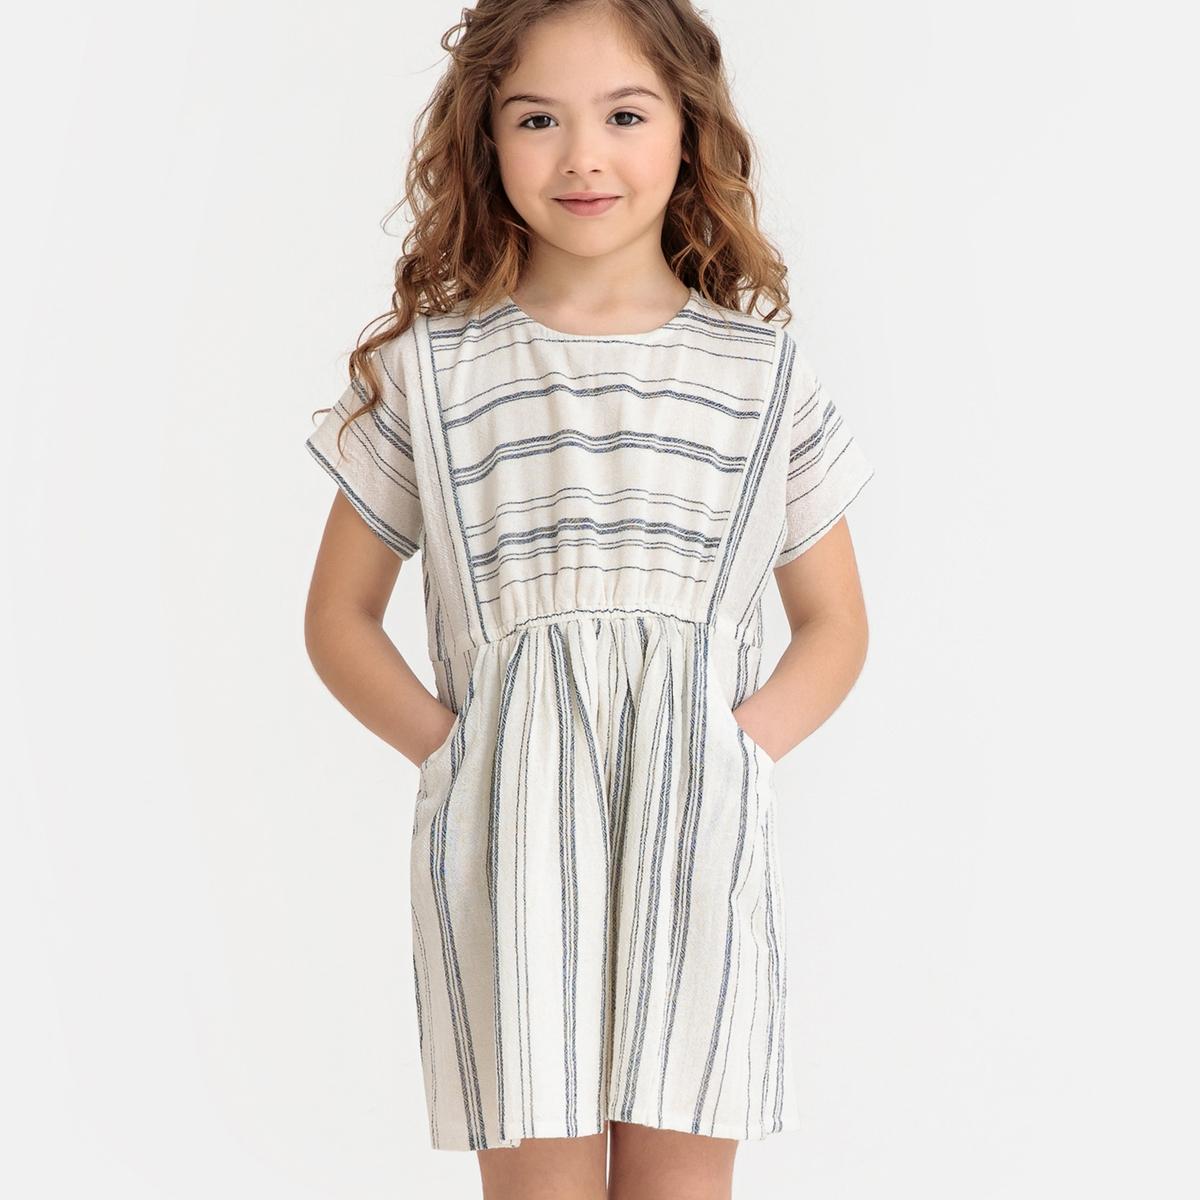 Платье La Redoute В полоску с короткими рукавами 3 года - 94 см другие платье la redoute из мольтона в полоску и тюля мес года 3 года 94 см розовый